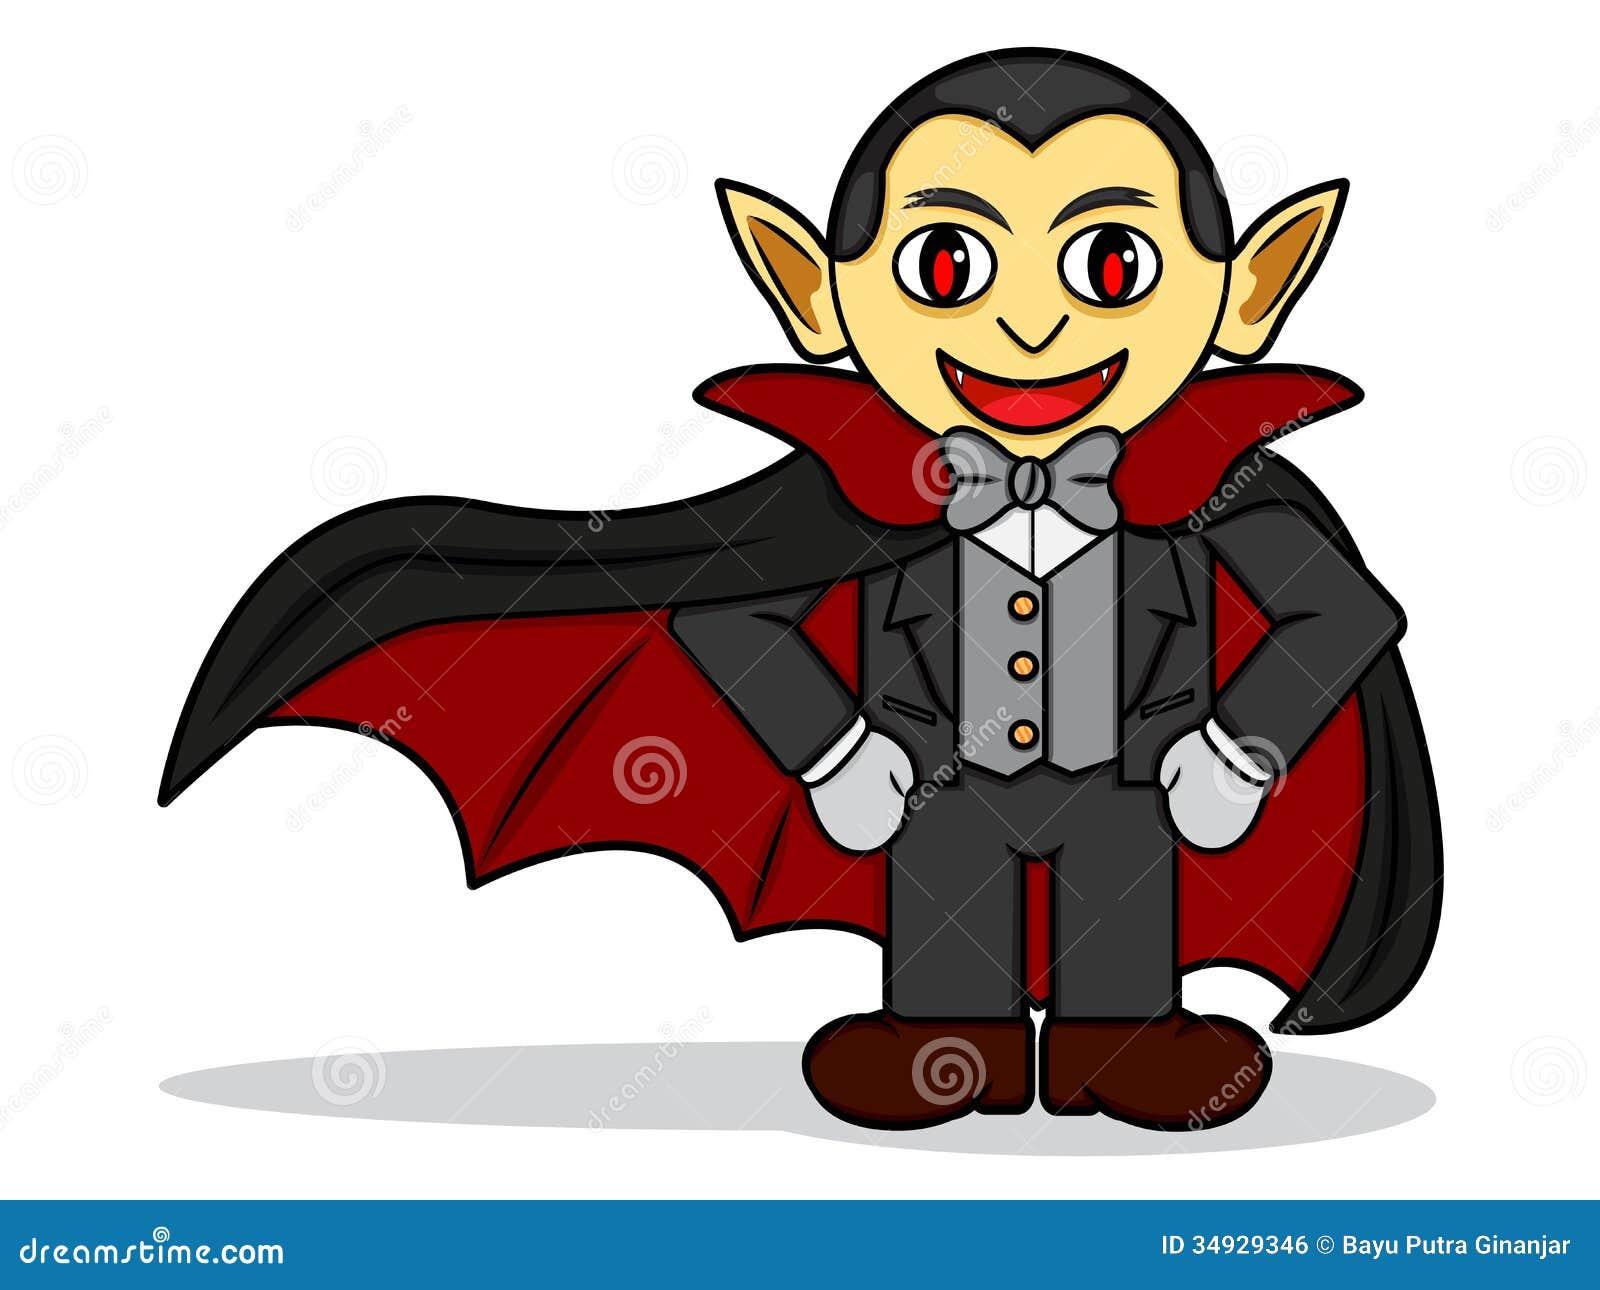 Dracula Royalty Free Stock Image - Image: 34929346